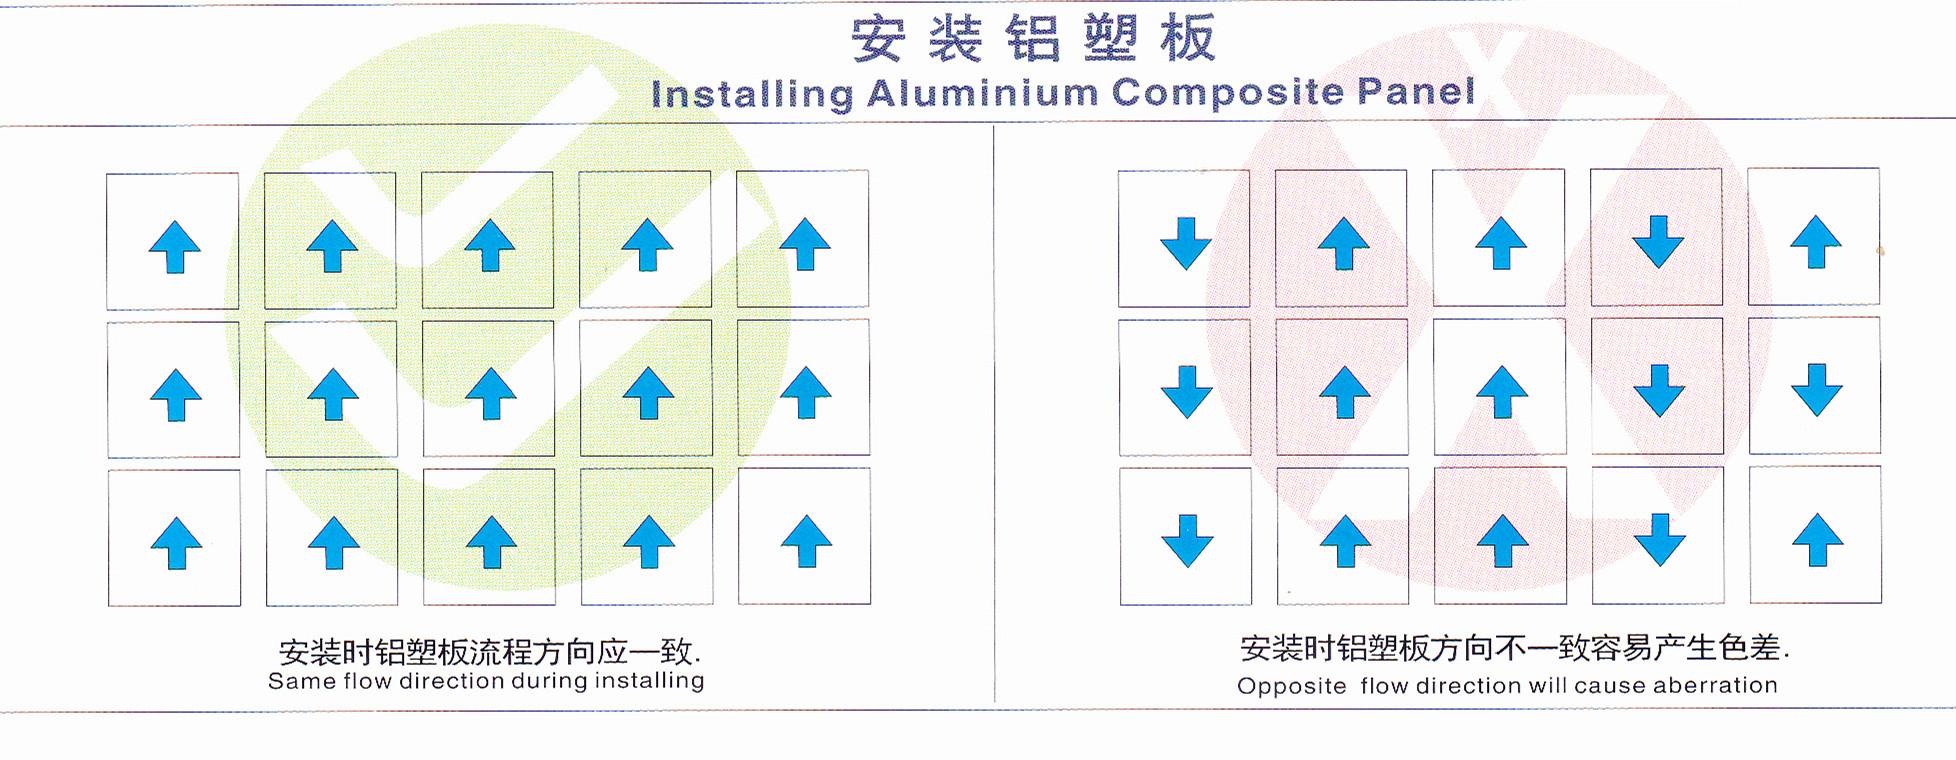 installing aluminium composite panel.jpg